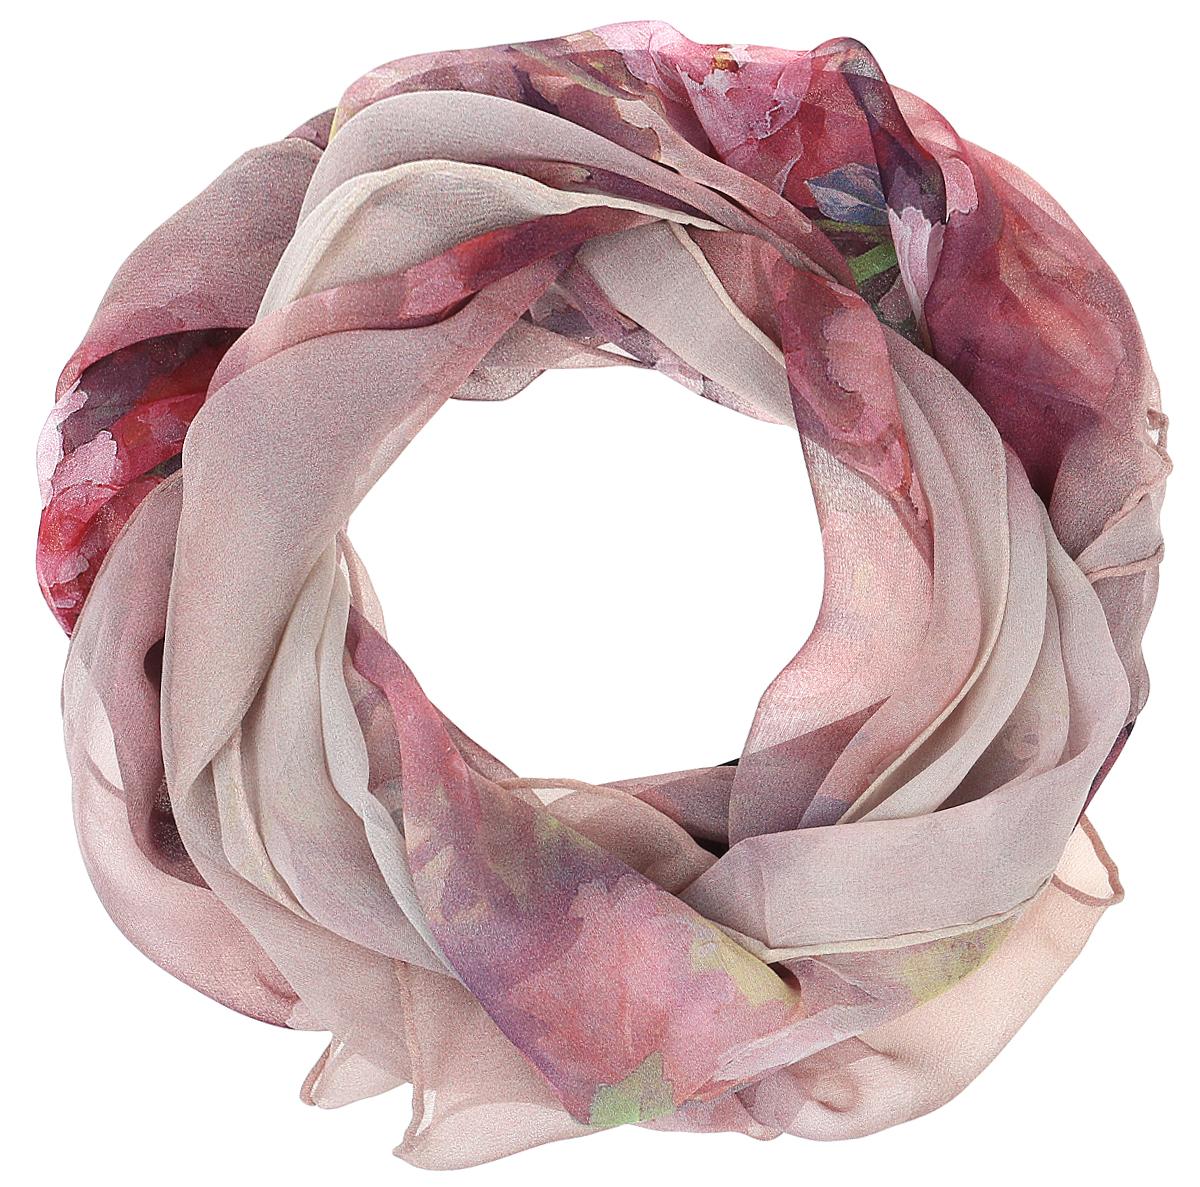 Шарф женский Vitta pelle, цвет: бежевый, розовый. Ro04SL215/833. Размер 45 см х 170 смRo04SL215/833Шарф из тонкого шифона с принтом. Обработка кромки - ручная подгибка.